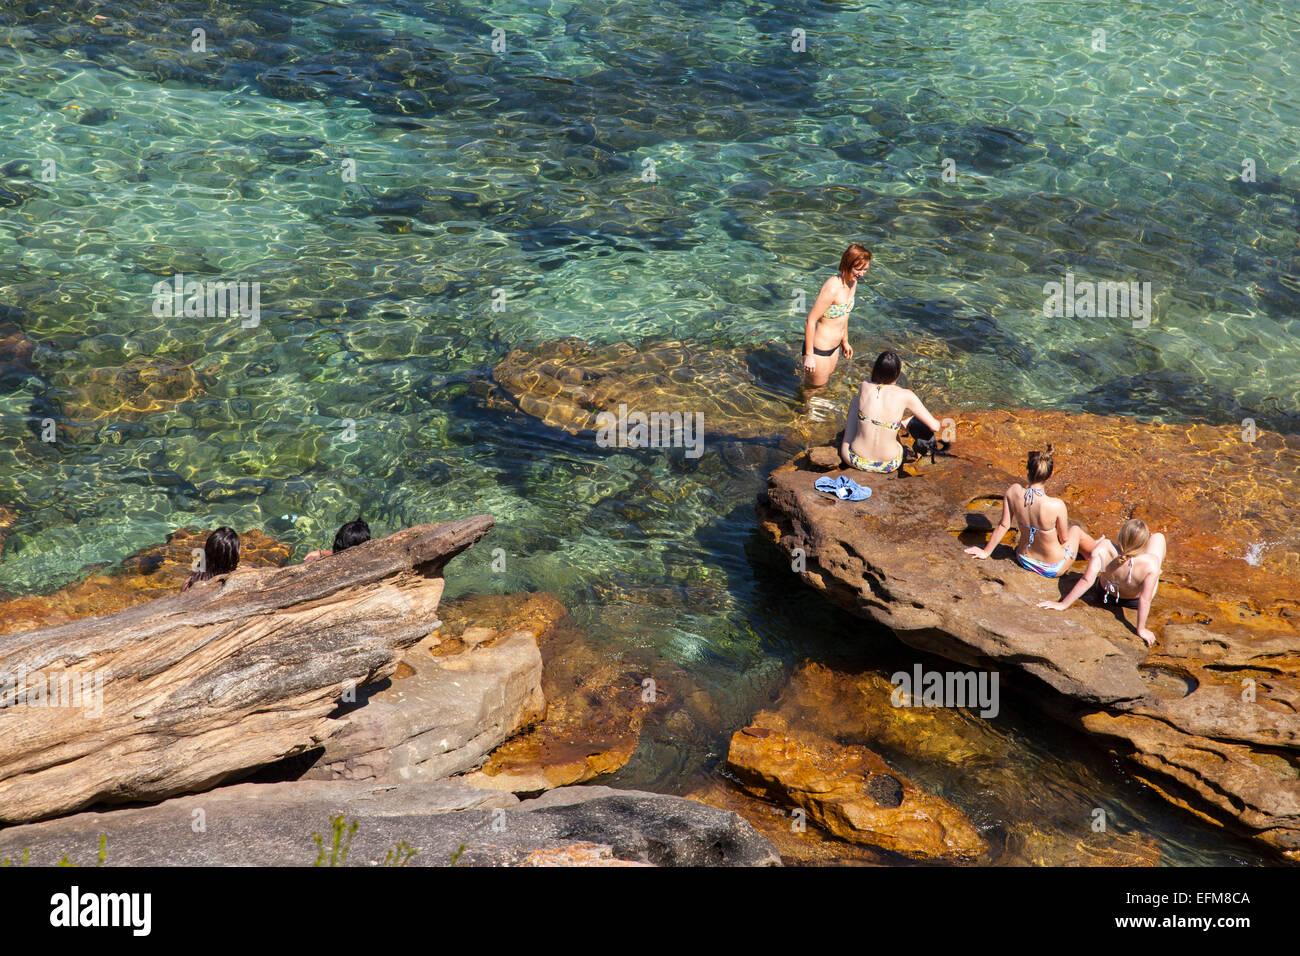 Mujer sentada sobre una roca en Gordon's Bay, Sydney, Australia. Imagen De Stock